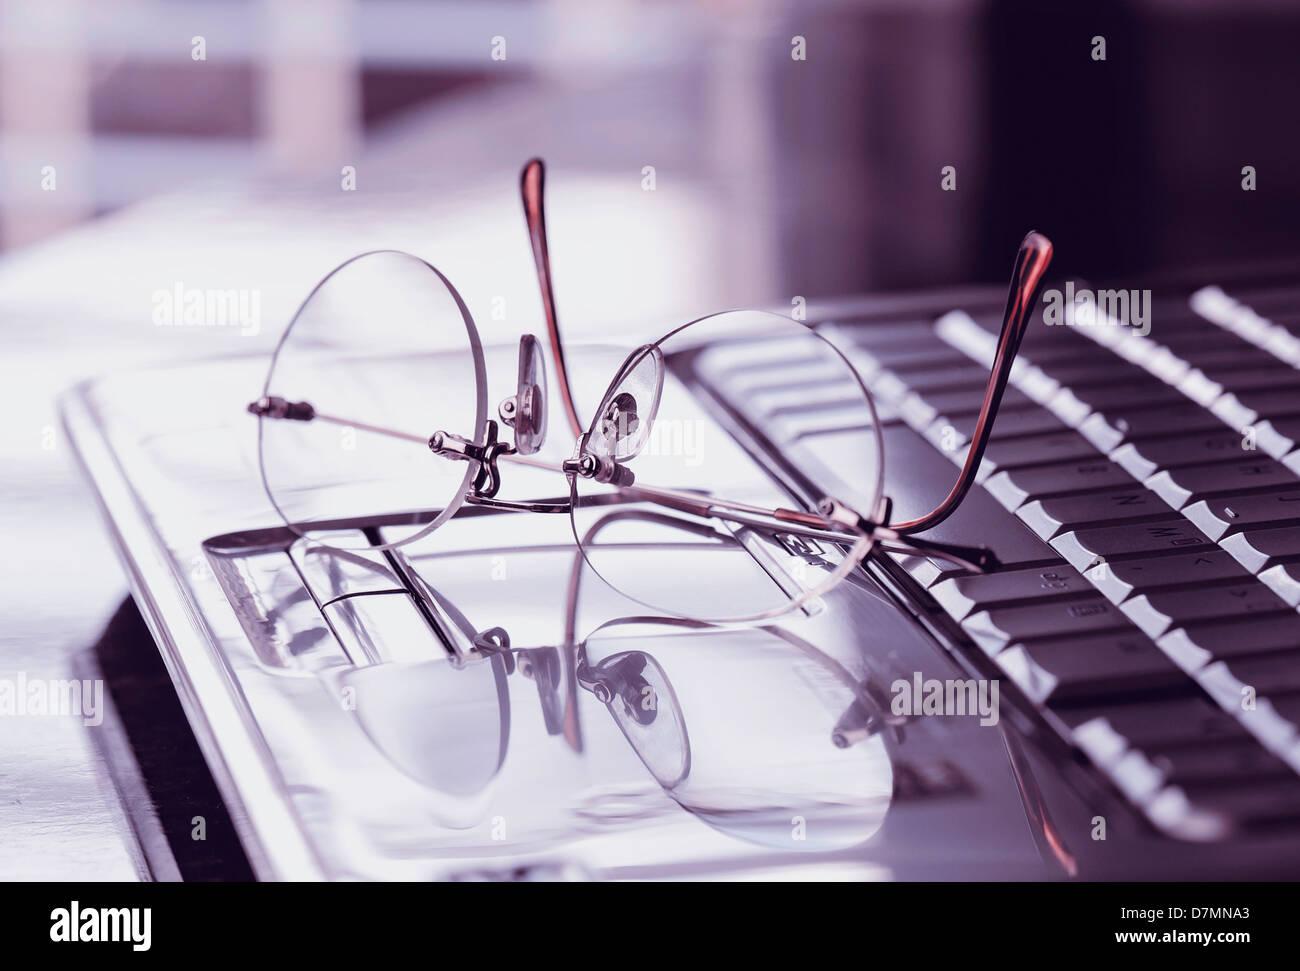 La investigación en Internet, imagen conceptual Imagen De Stock